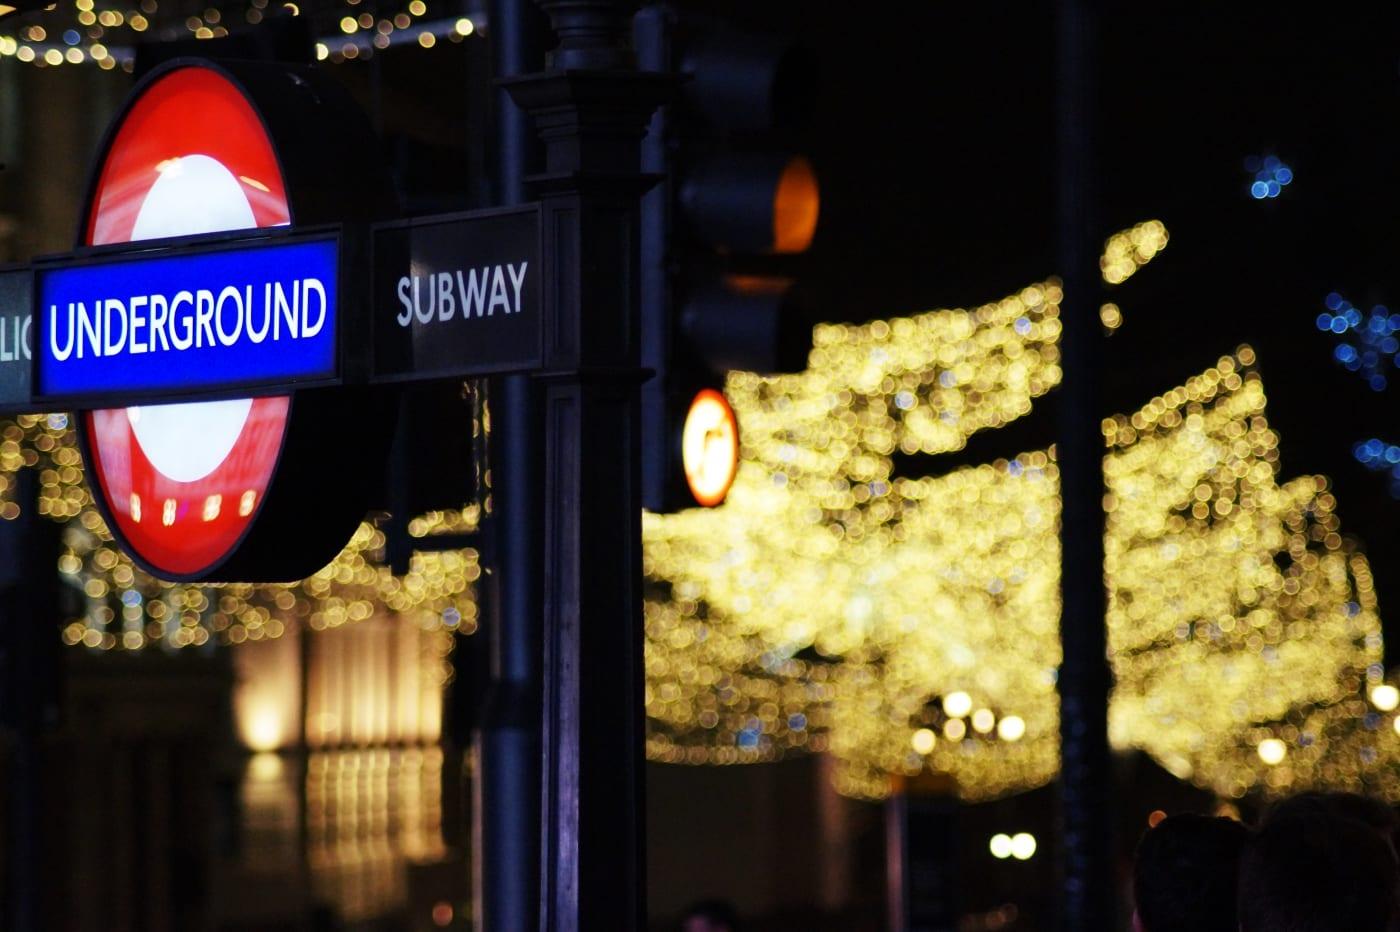 weihnachtslichter-london-11-underground